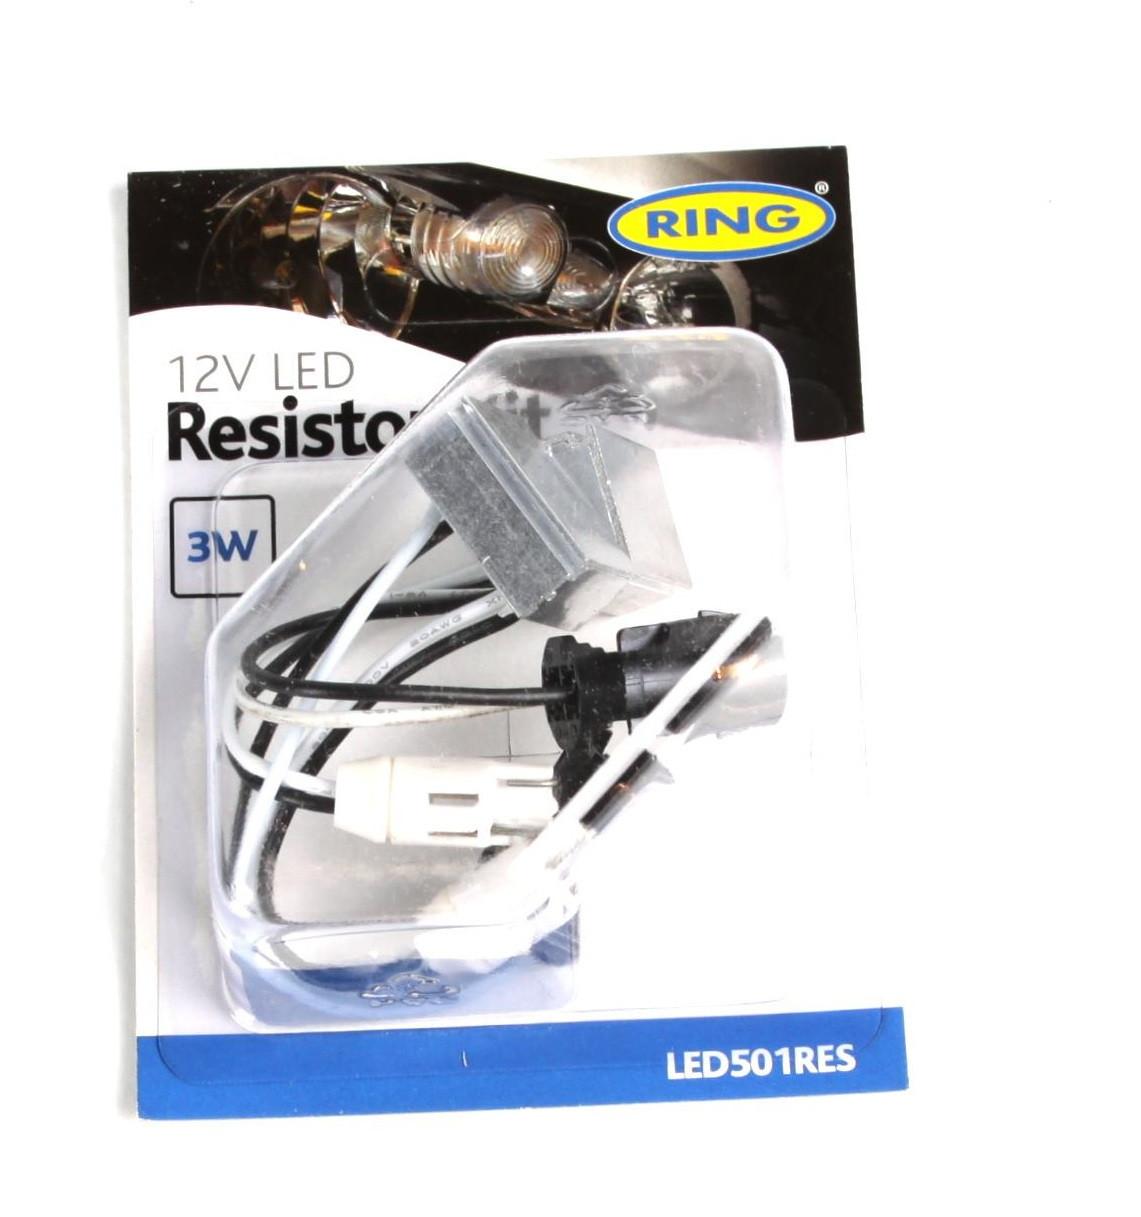 Обманка для подключения LED ламп 12V-3W (2шт) (резистор для светодиодов, переходник) (LED501RES) RING